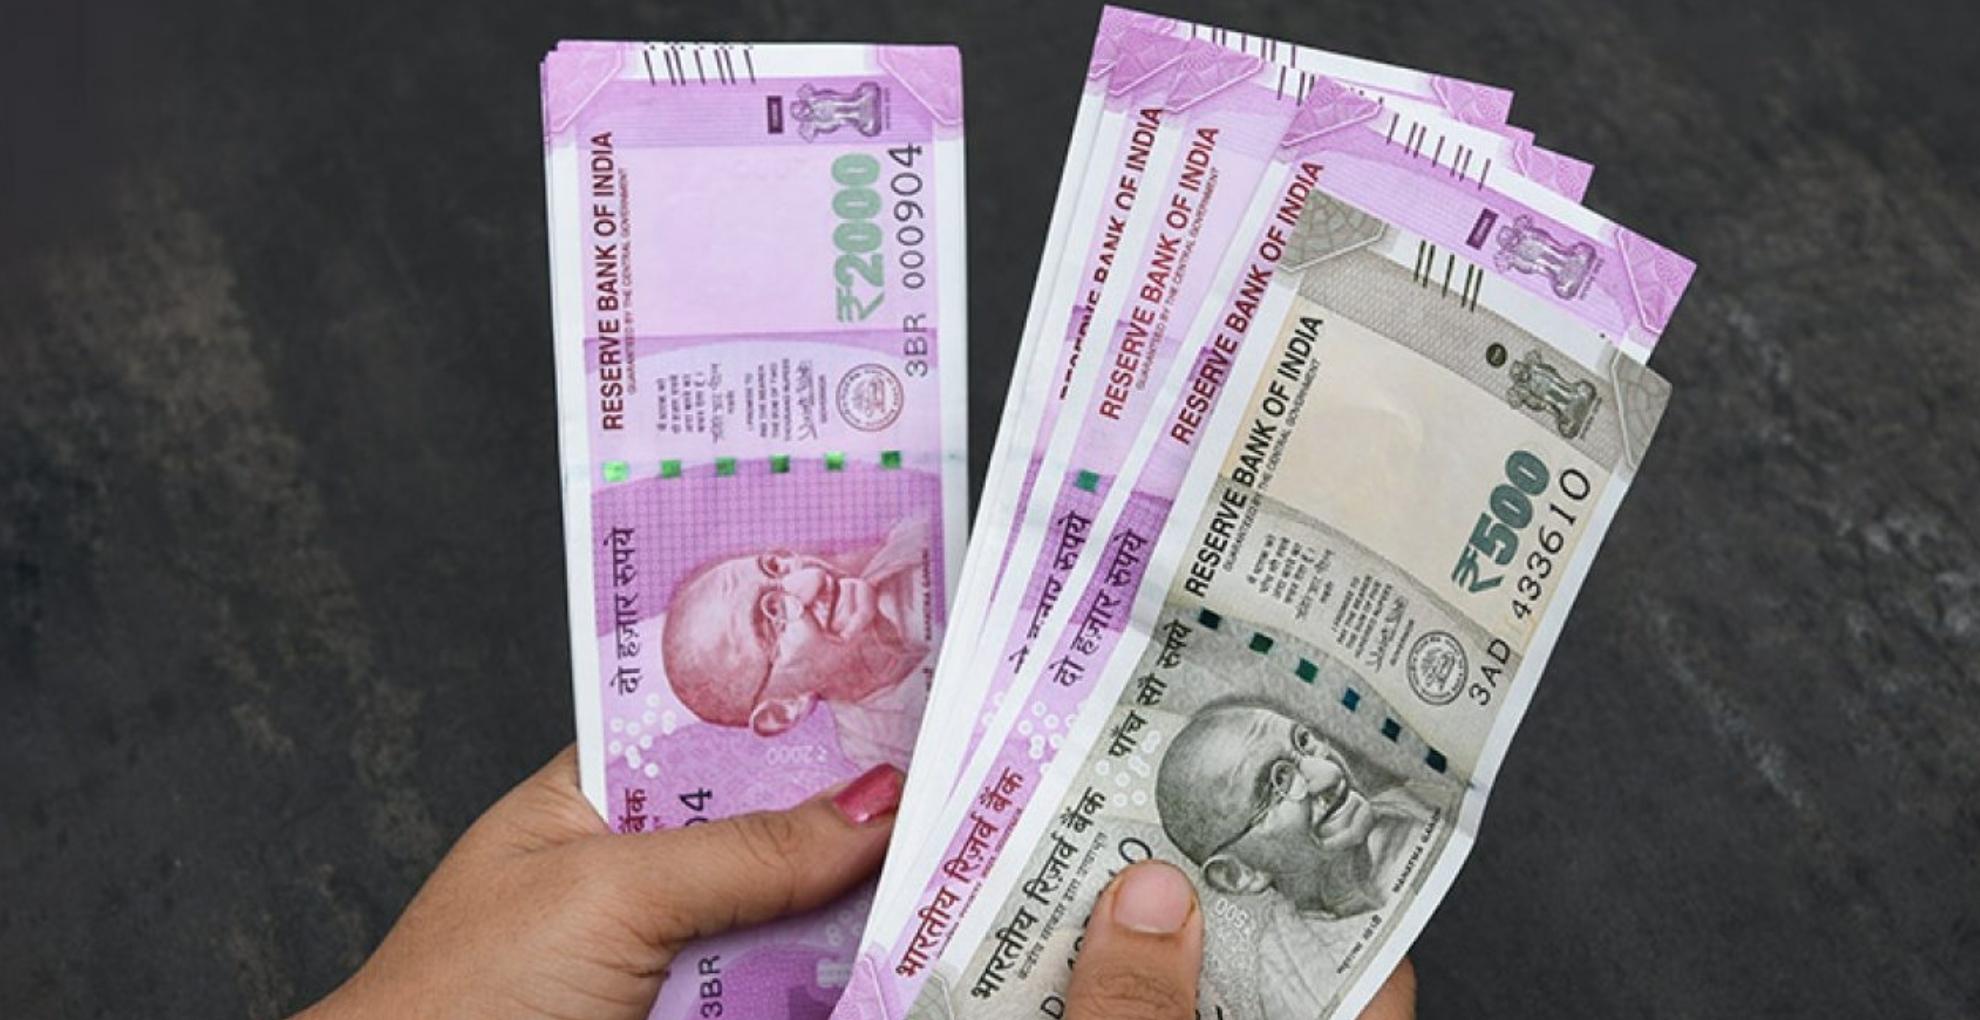 Kerala Karunya KR-412 Lottery Result Out: आज इन लोगों की चमकी किस्मत, जानिए कौन बना करोड़पति